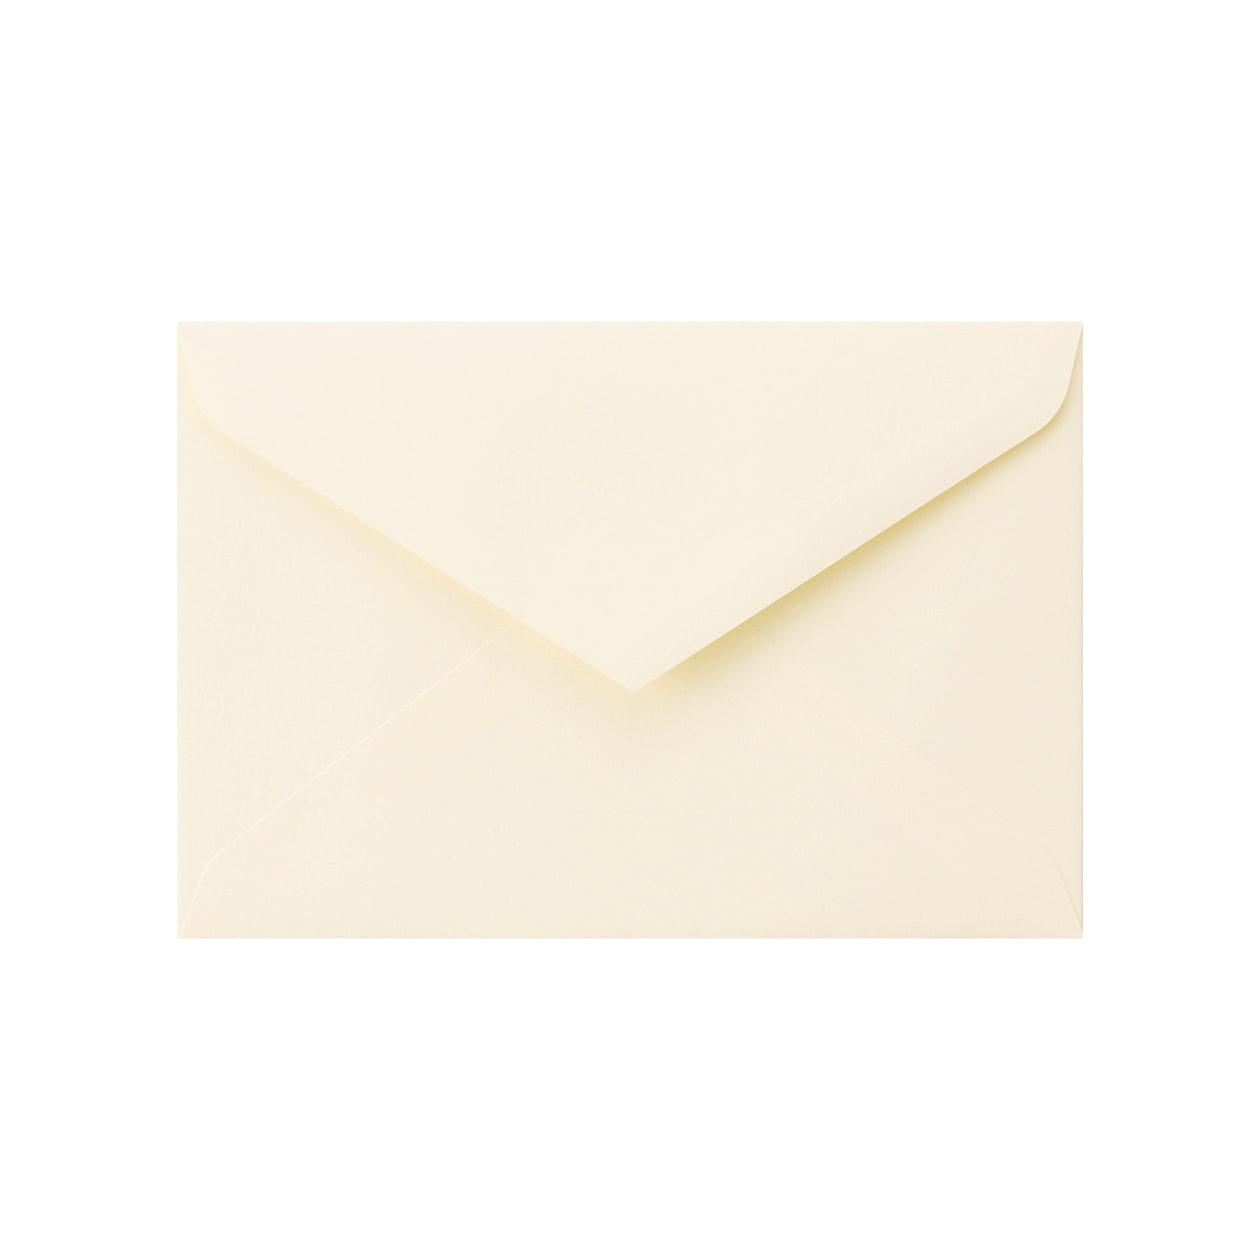 洋1ダイア封筒 コットン ナチュラル 116.3g